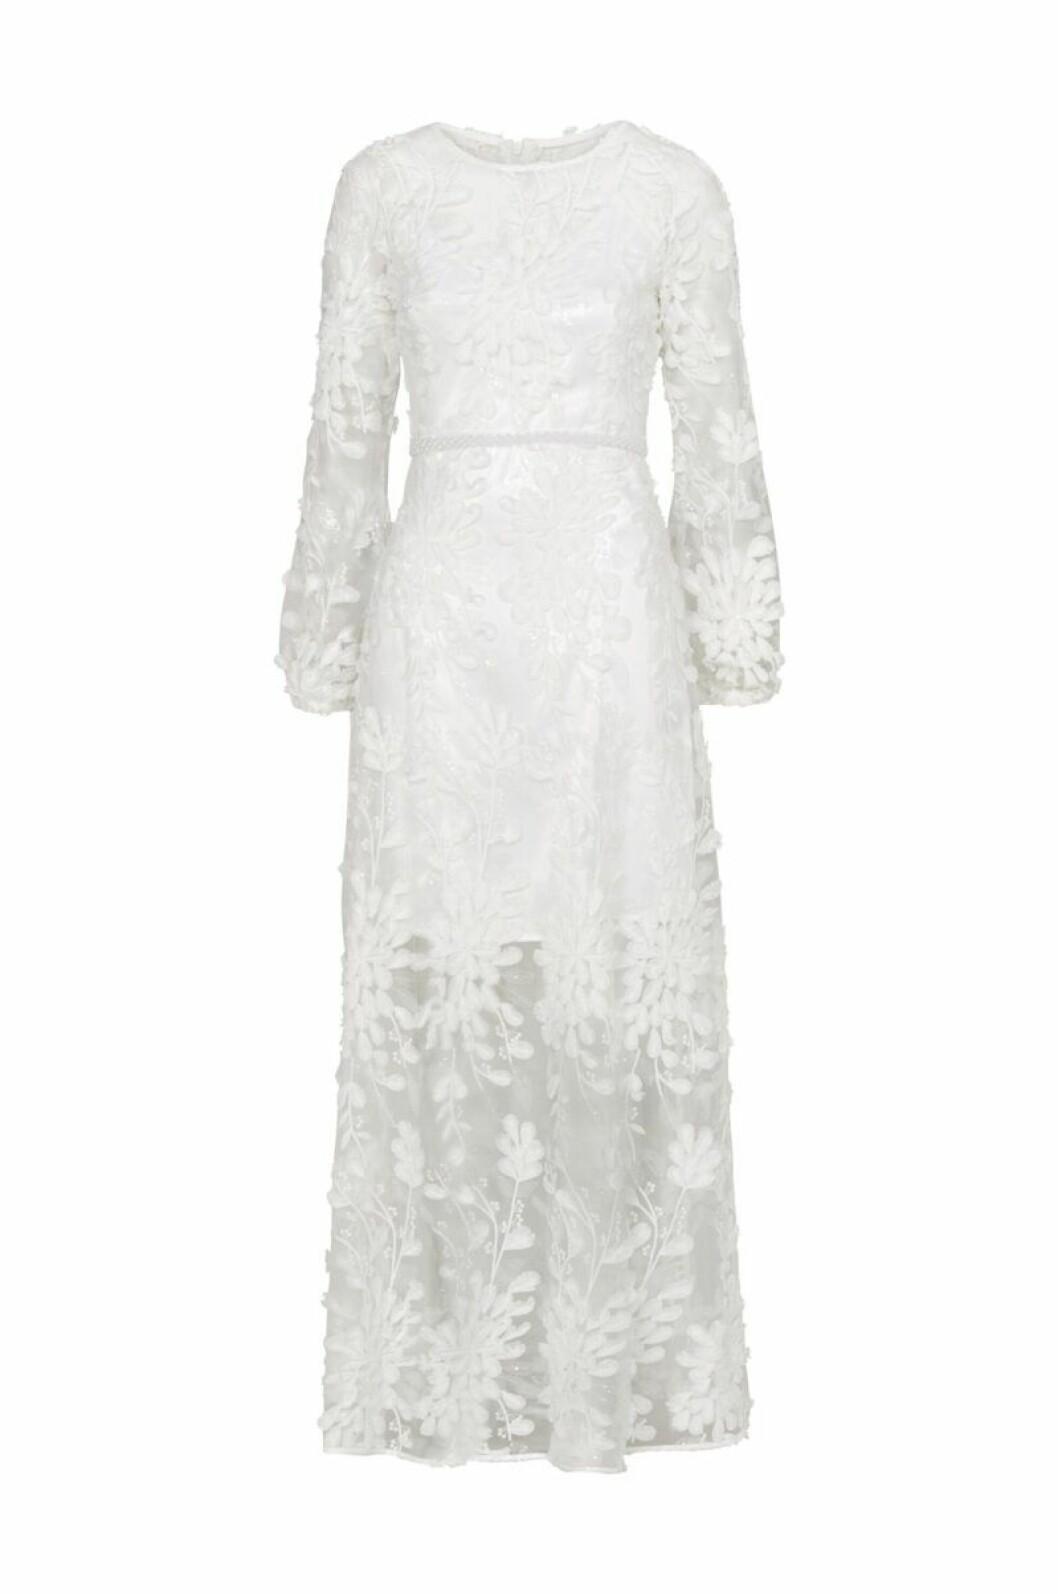 Brudklänning från ellos